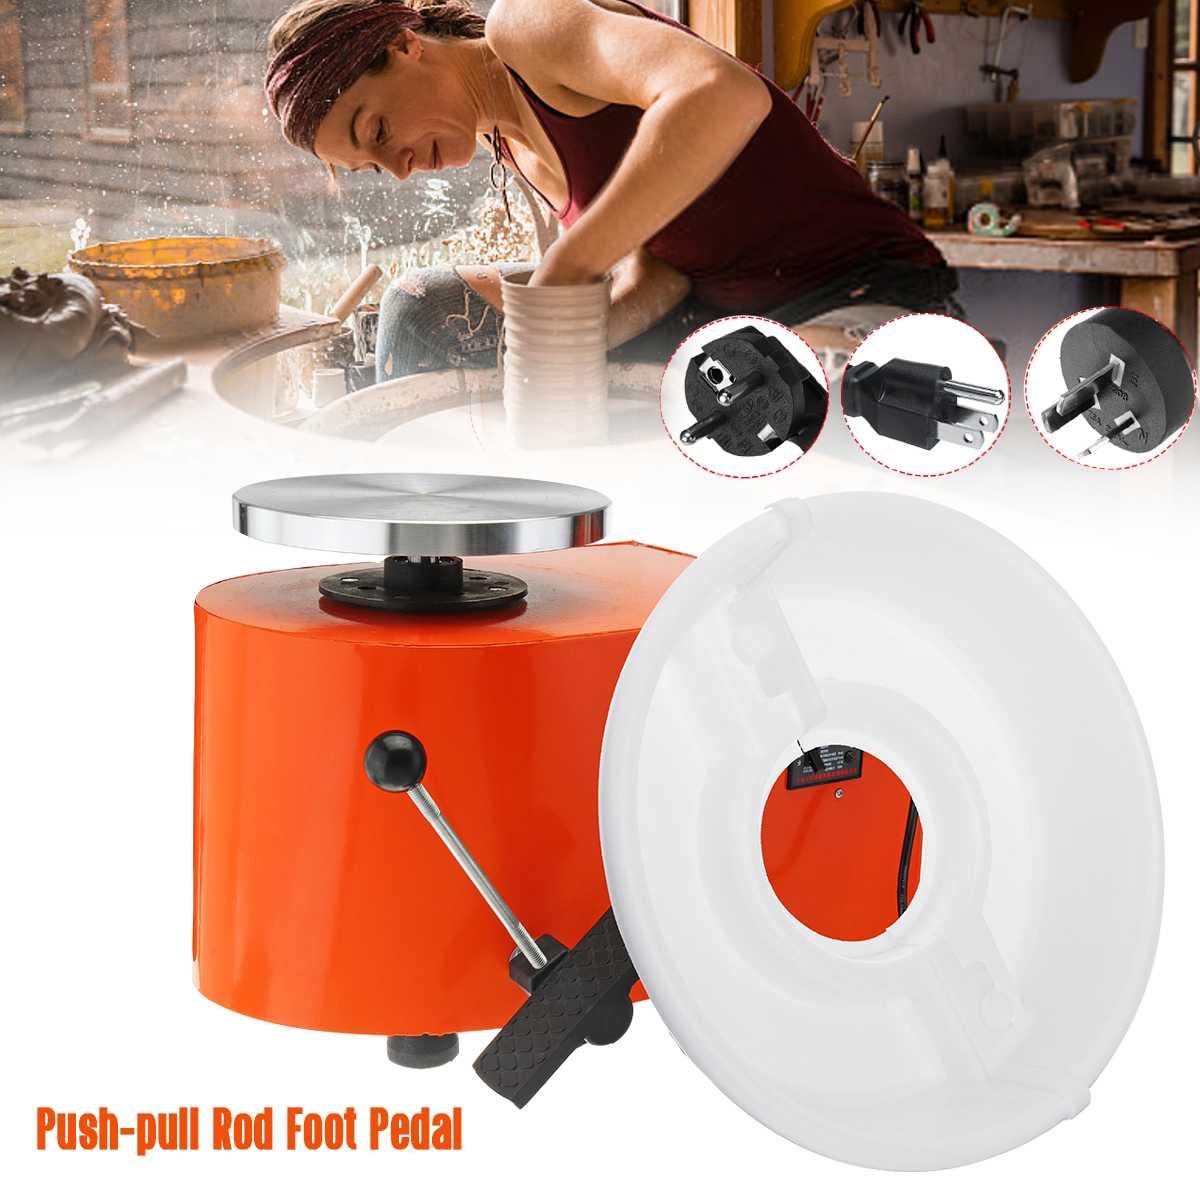 110/220 V 350 W poterie roue détachable Machine en céramique travail argile artisanat Art pied pédale US/AU/EU Plug Flexible détachable lisse